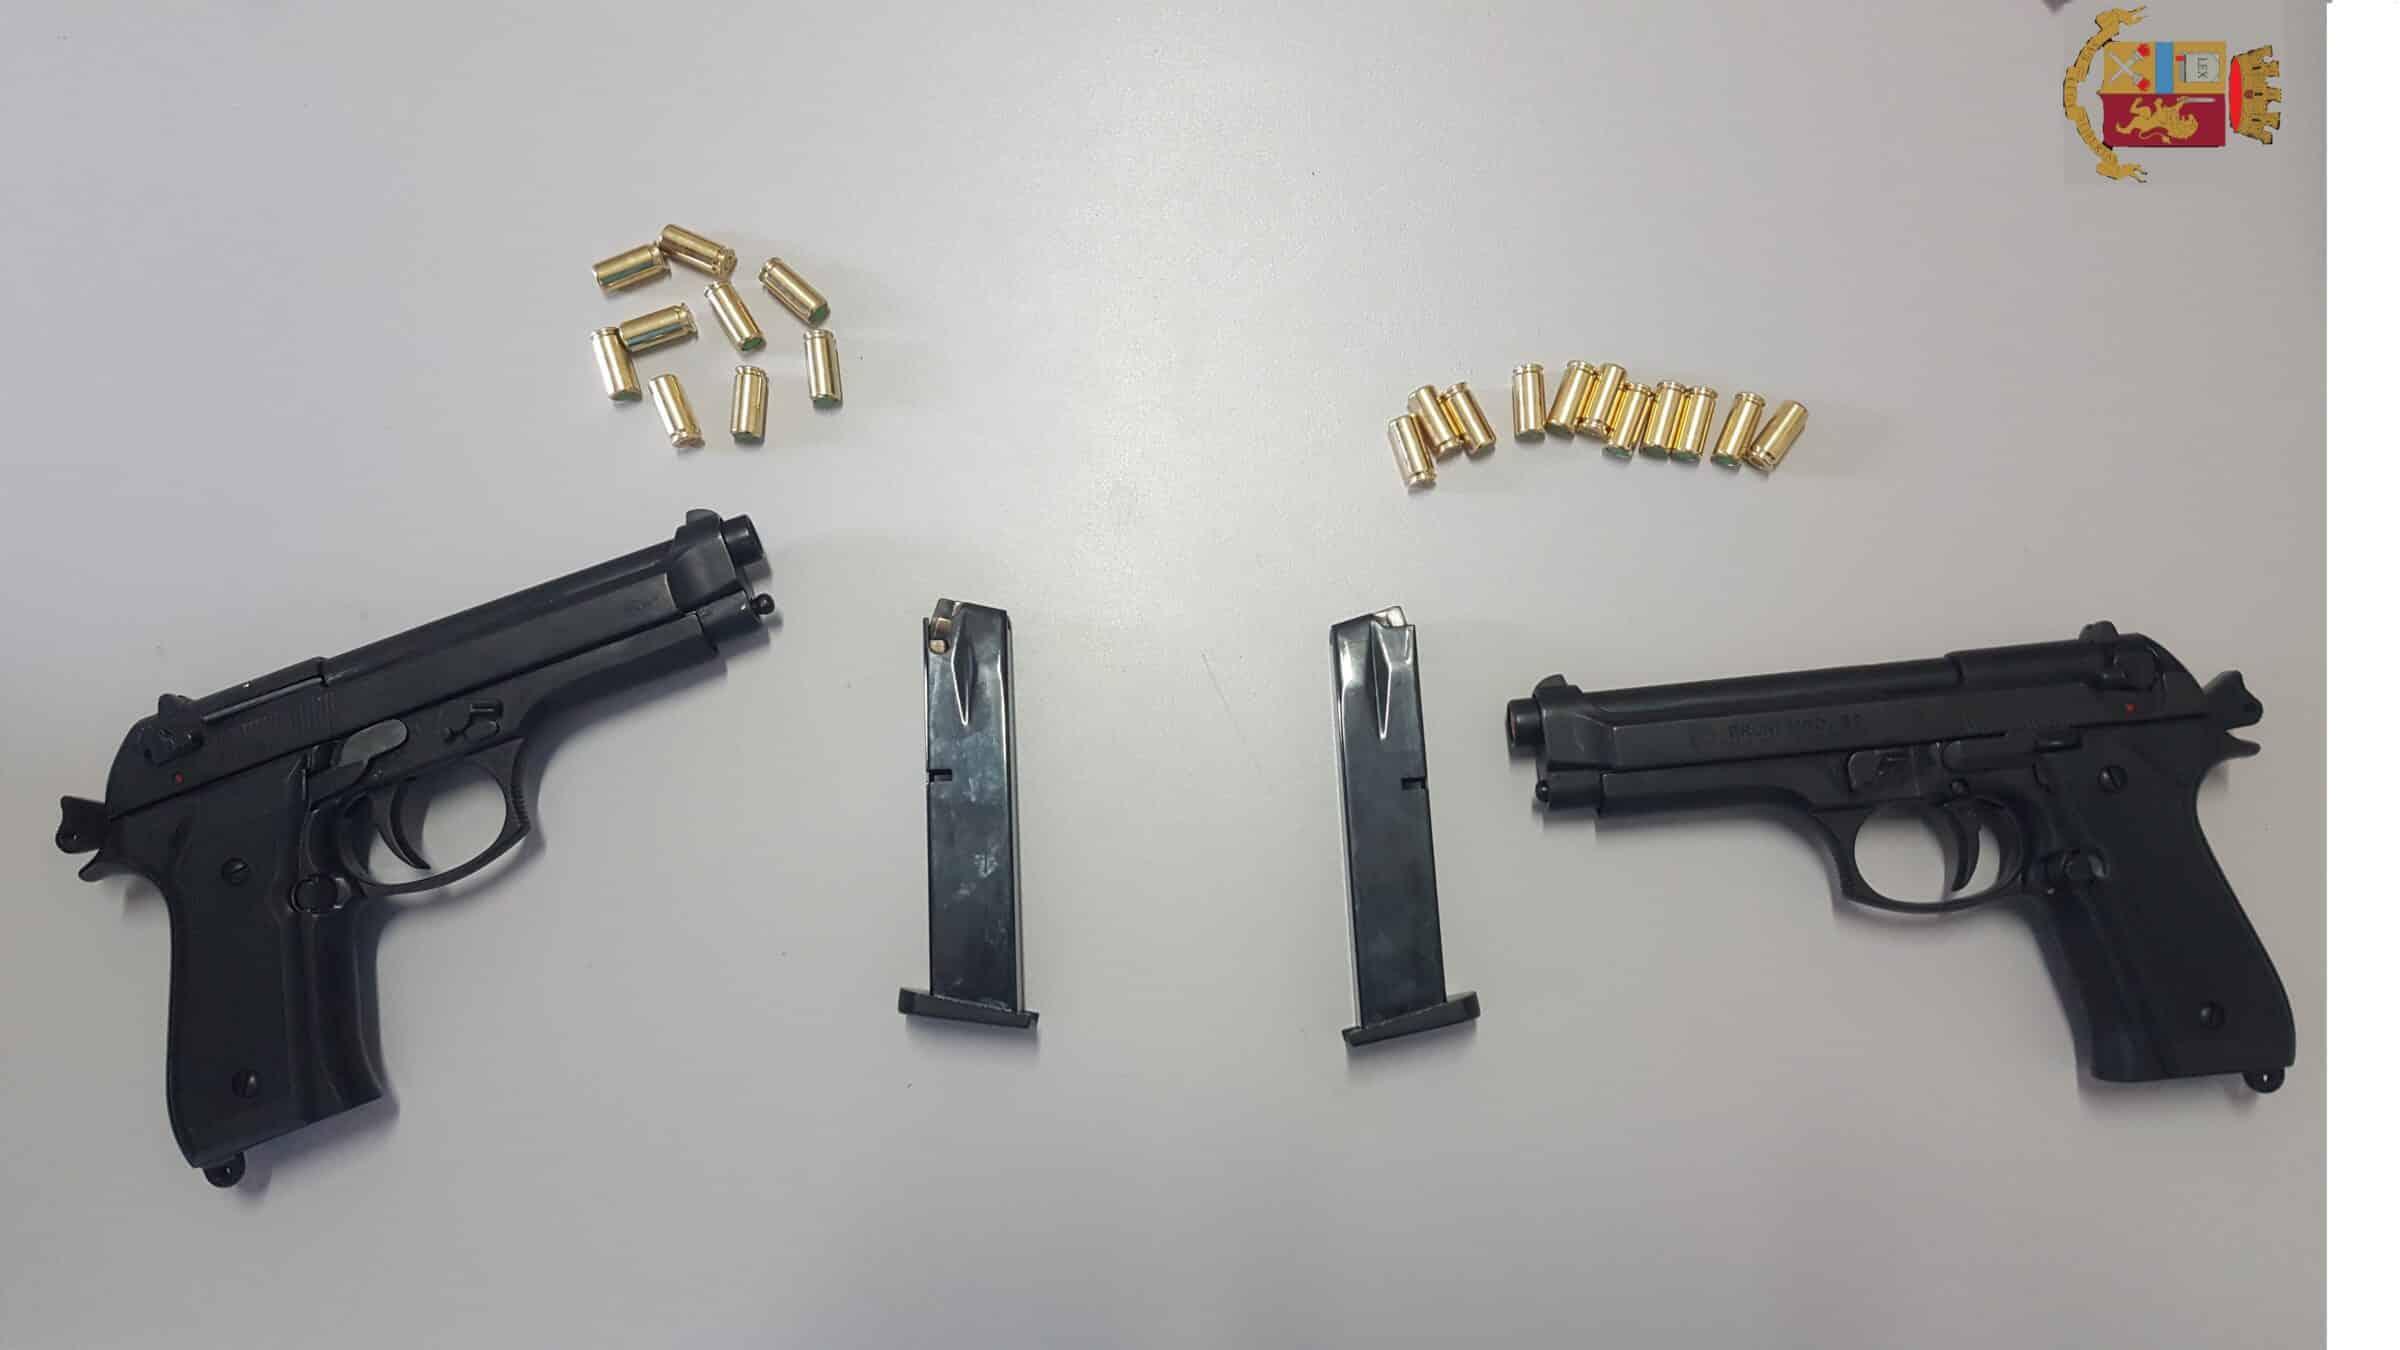 Colpi di pistola nel Catanese, esplose 24 munizioni a salve: denunciati due giovani, uno è minorenne